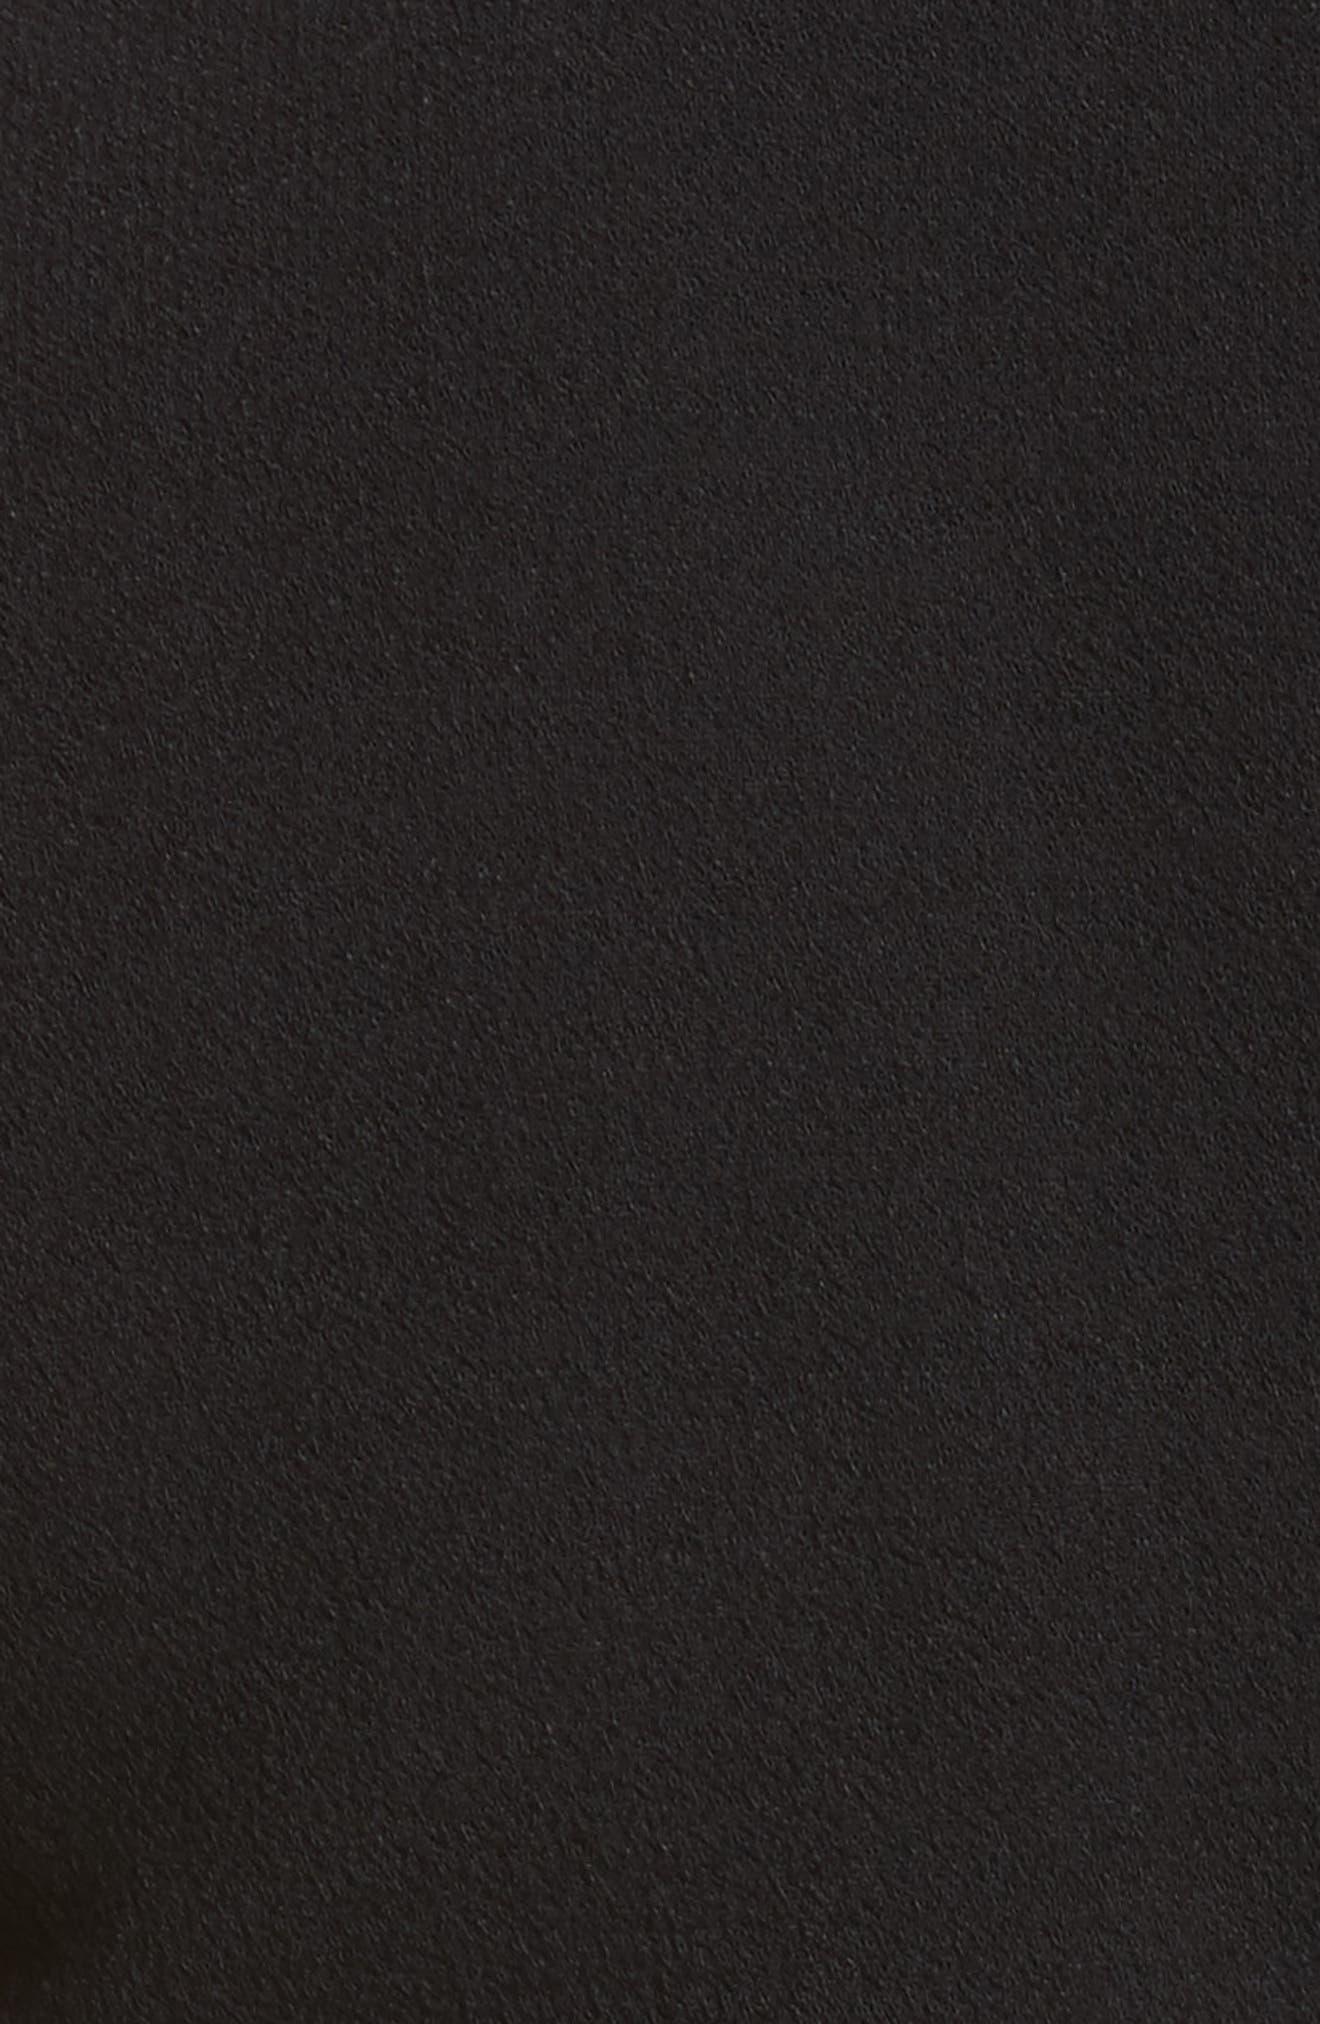 Sequined Stretch Bouclé Crepe Sheath,                             Alternate thumbnail 5, color,                             001